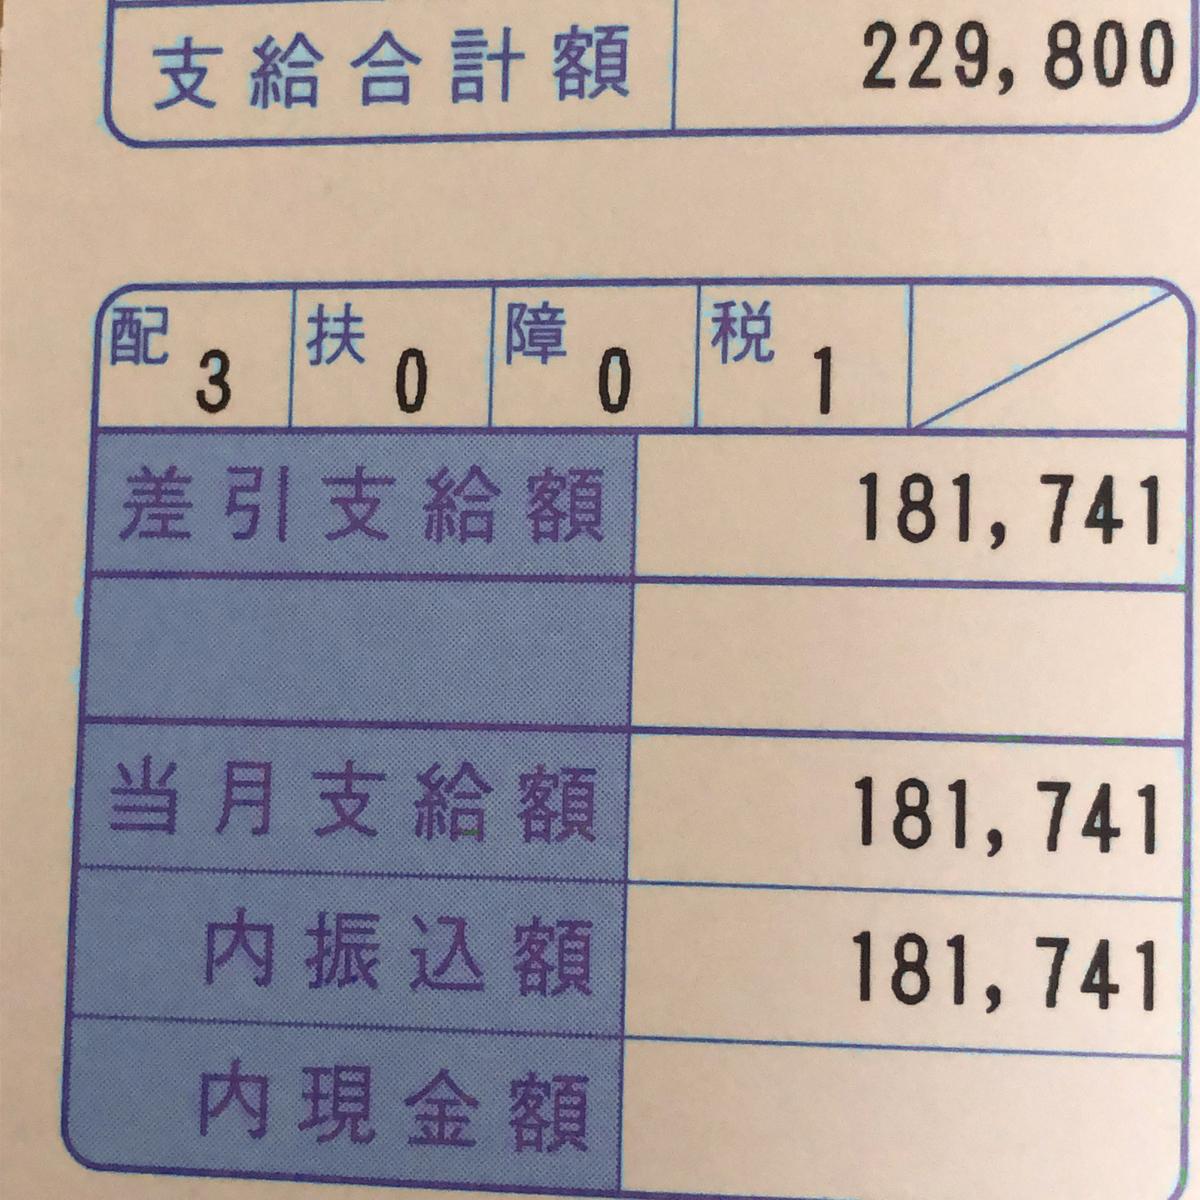 f:id:shikabanewokoeteyuke:20200331062129j:plain